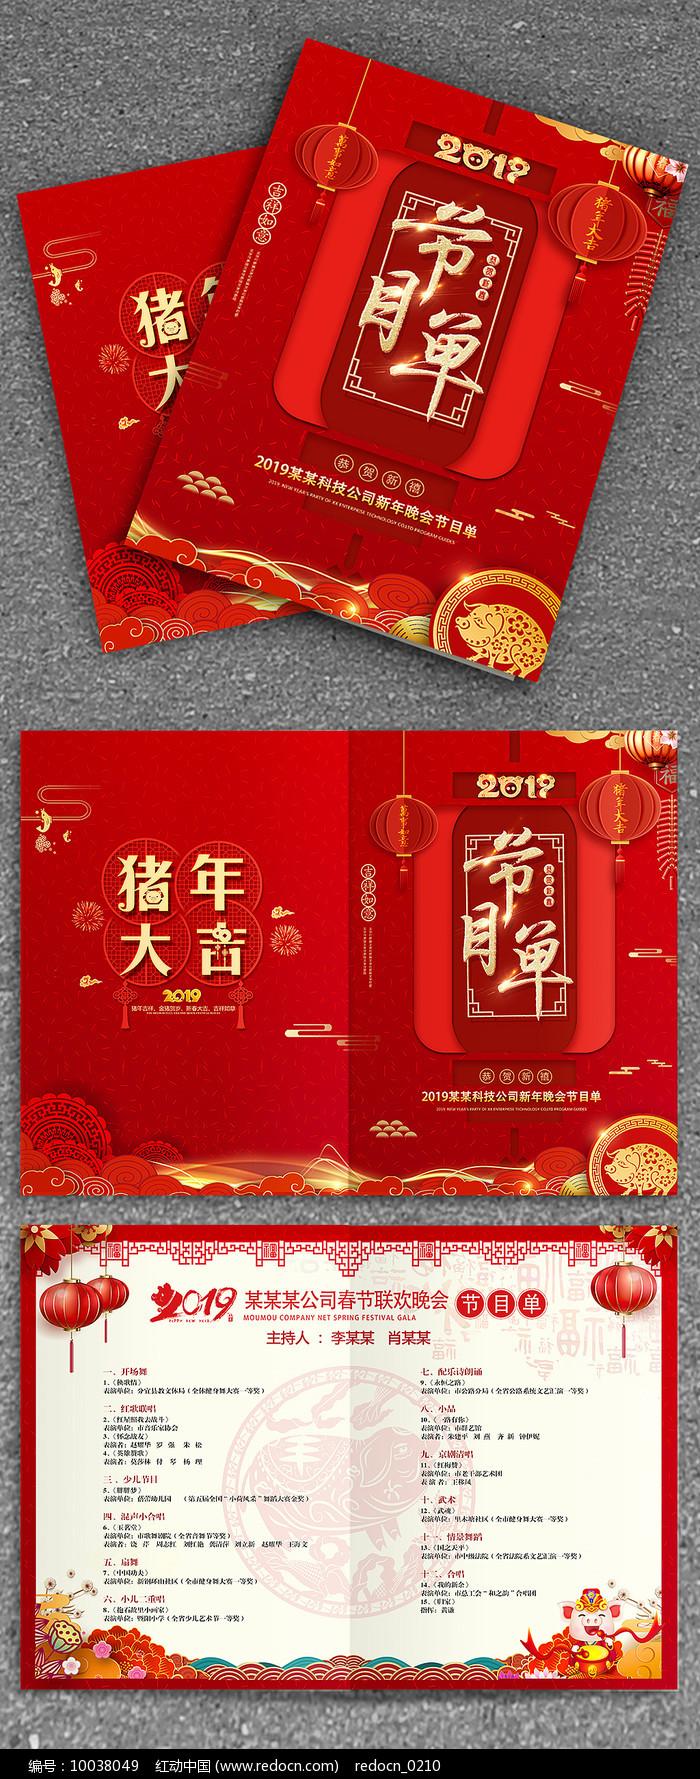 2019红色大气晚会节目单图片